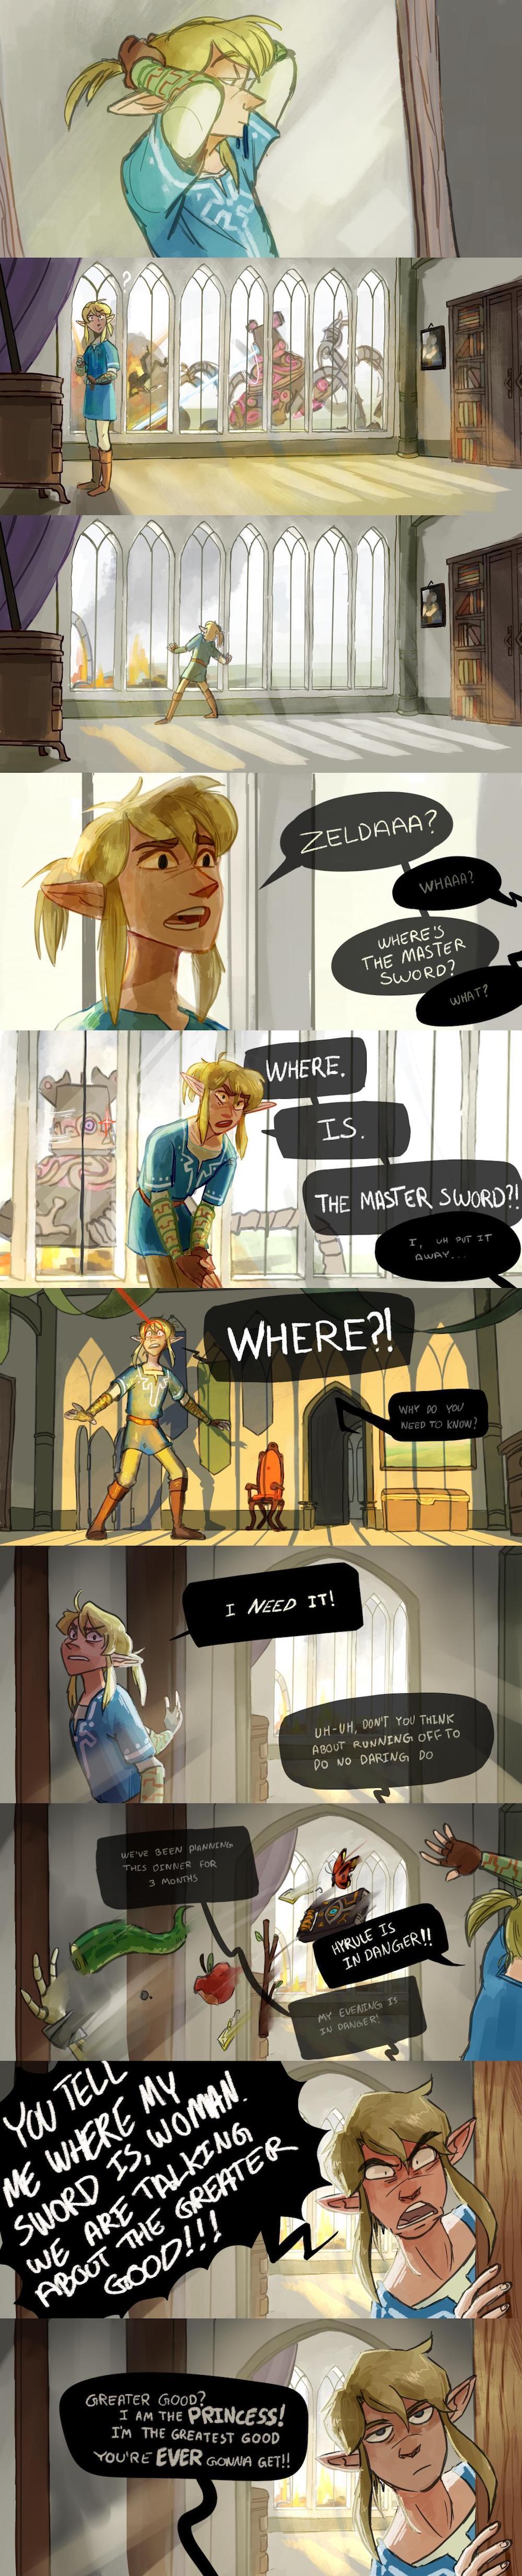 Link needs his sword